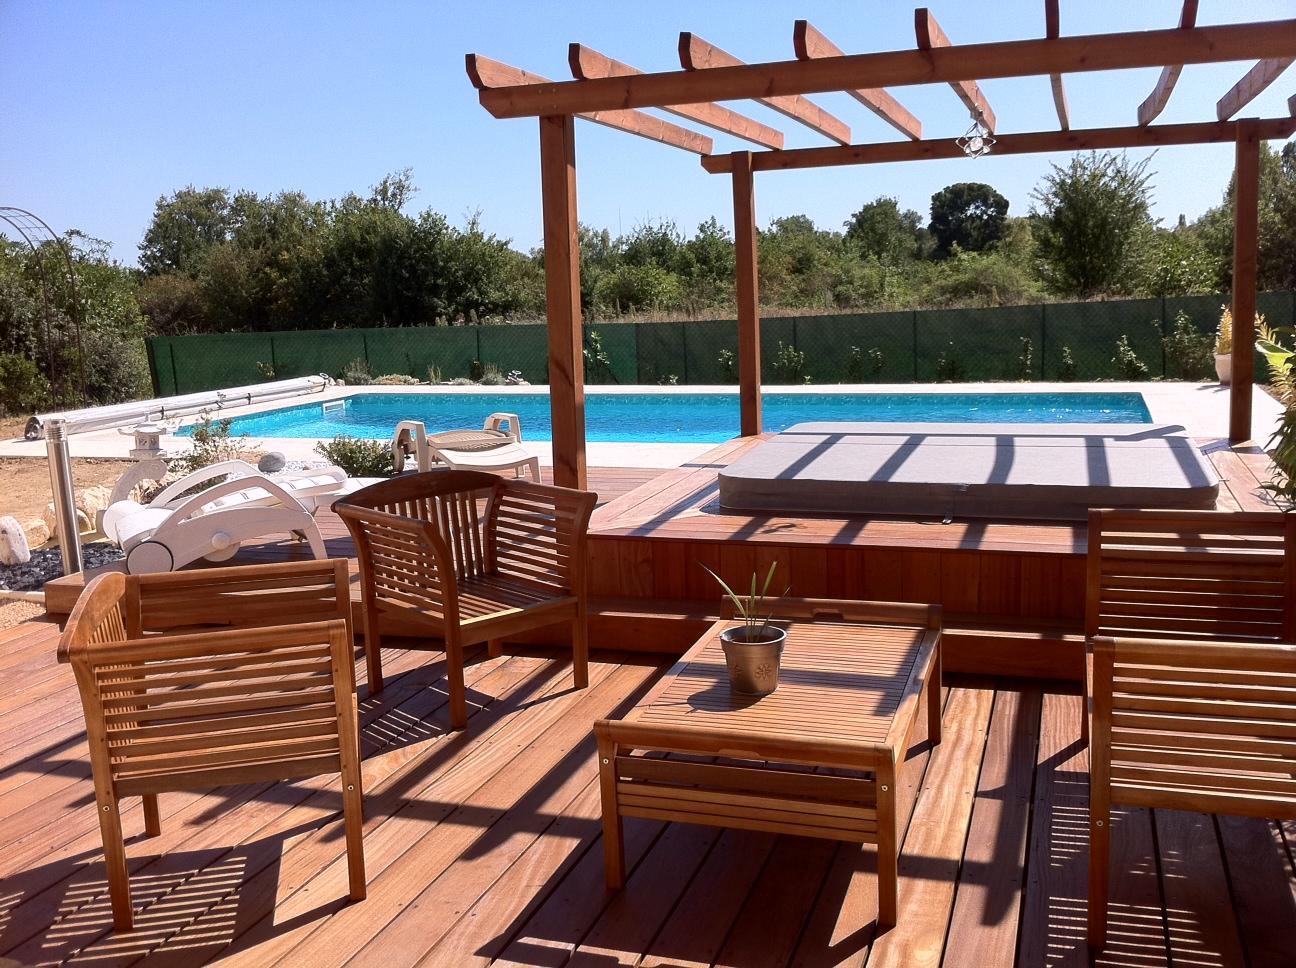 Jardins secrets terrasses bois for Terrasse avec pergolas bois